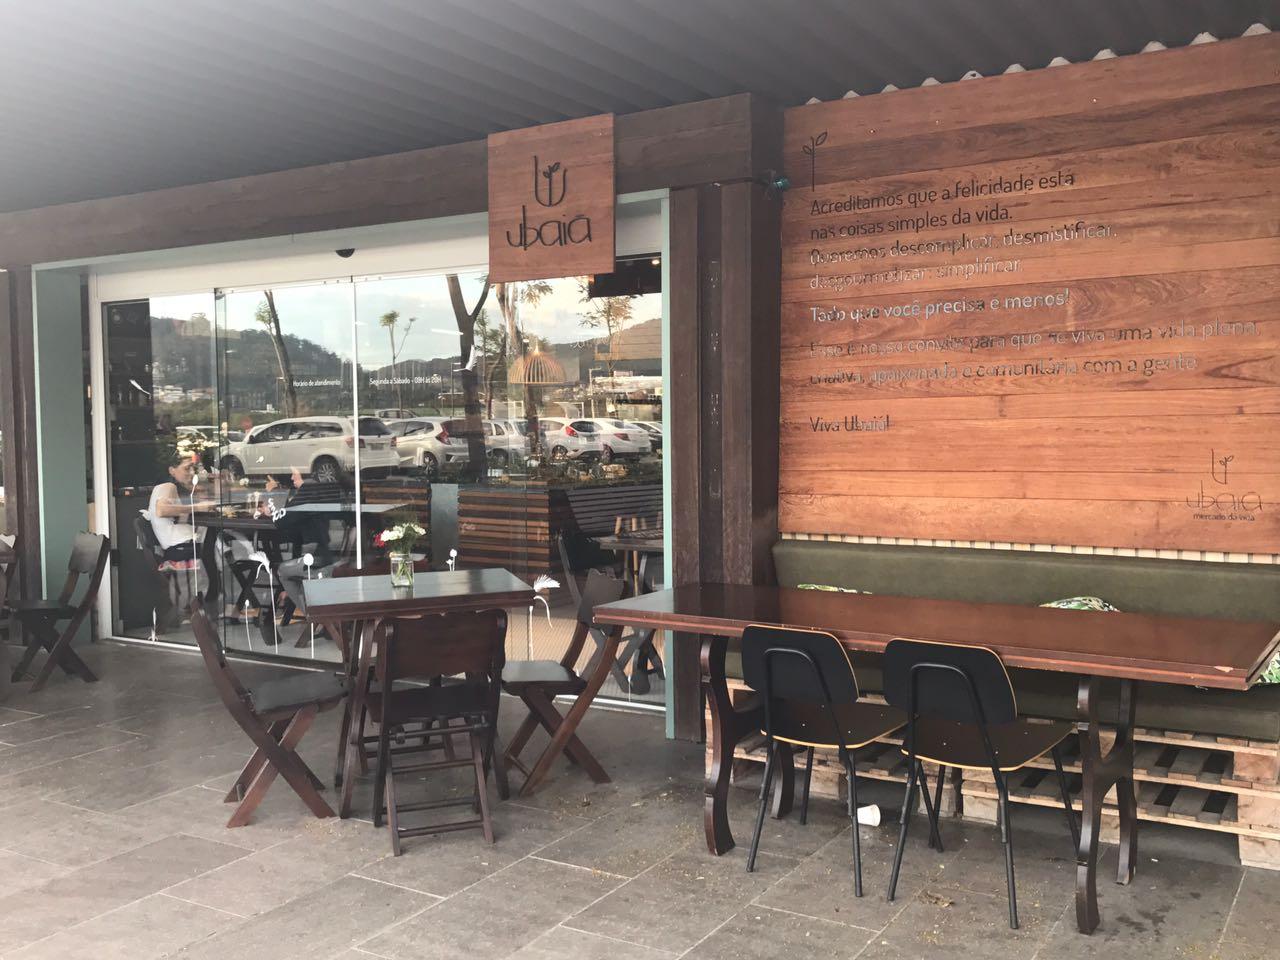 restaurante saudável floripa florianopolis (11)